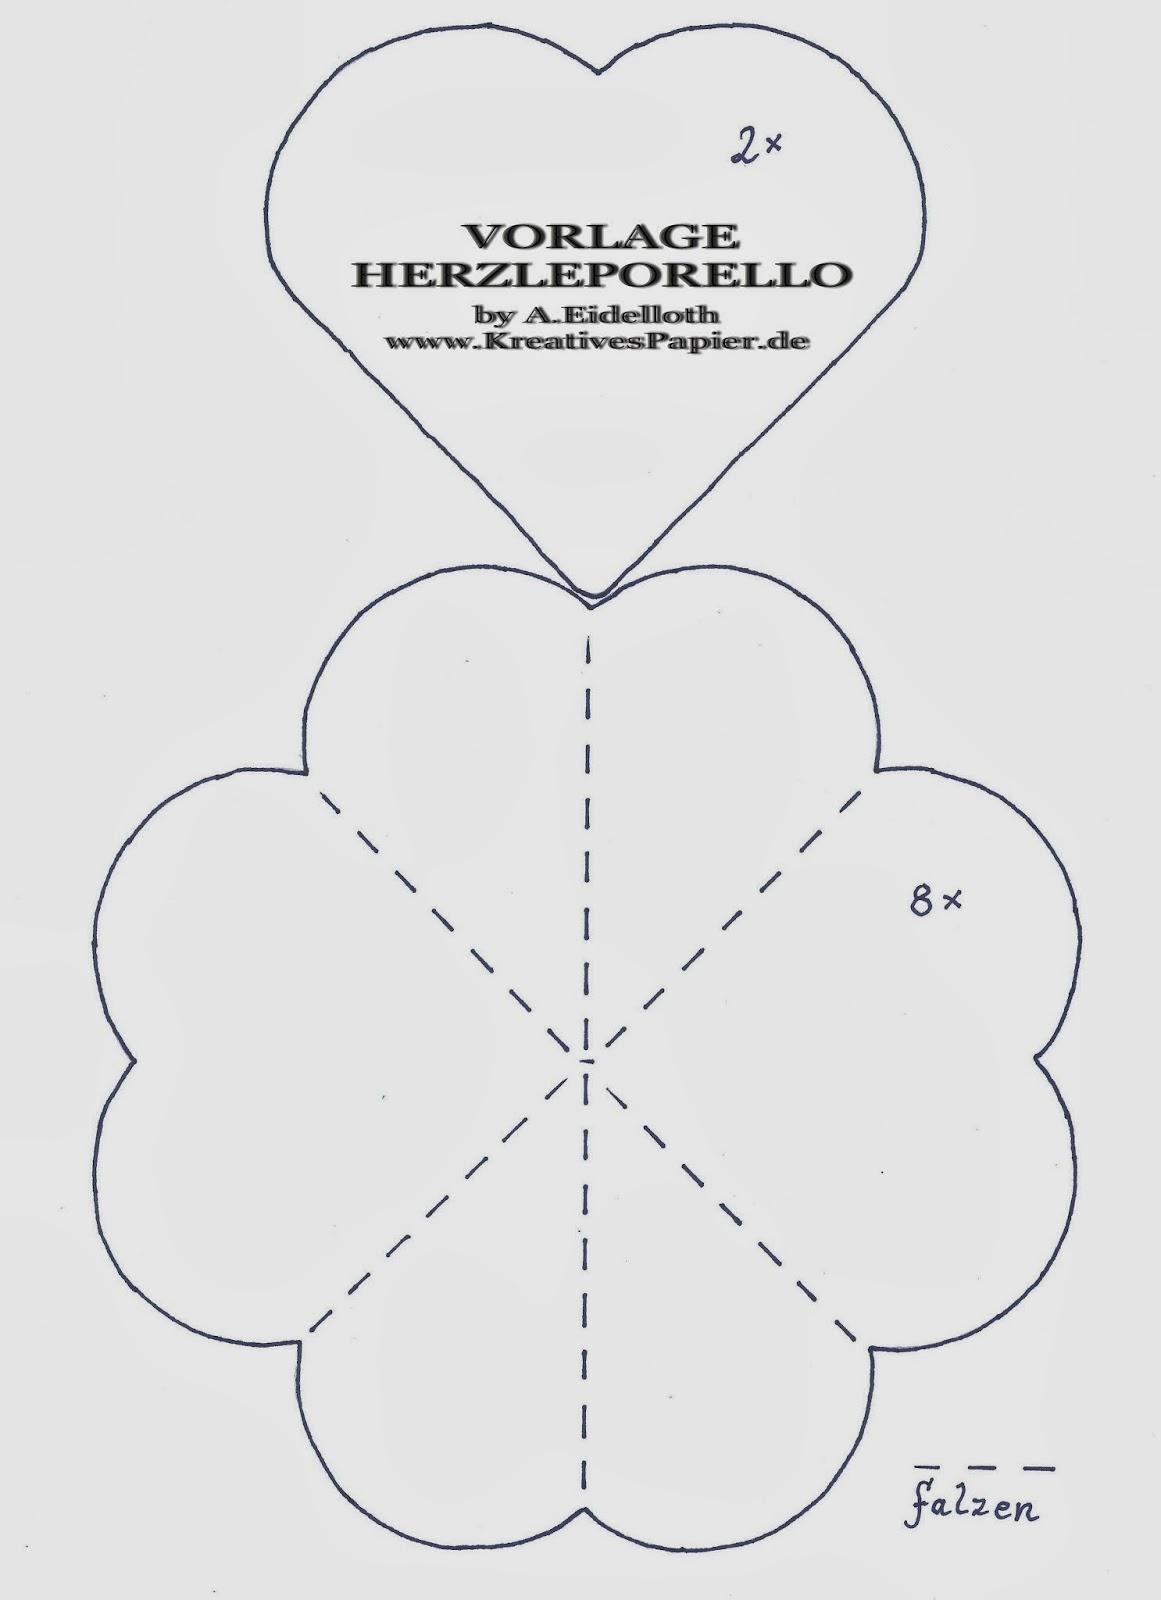 http://dcf-clan.com/blog/Stempeleinmaleins/Herz-Leporello/Vorlage.jpg